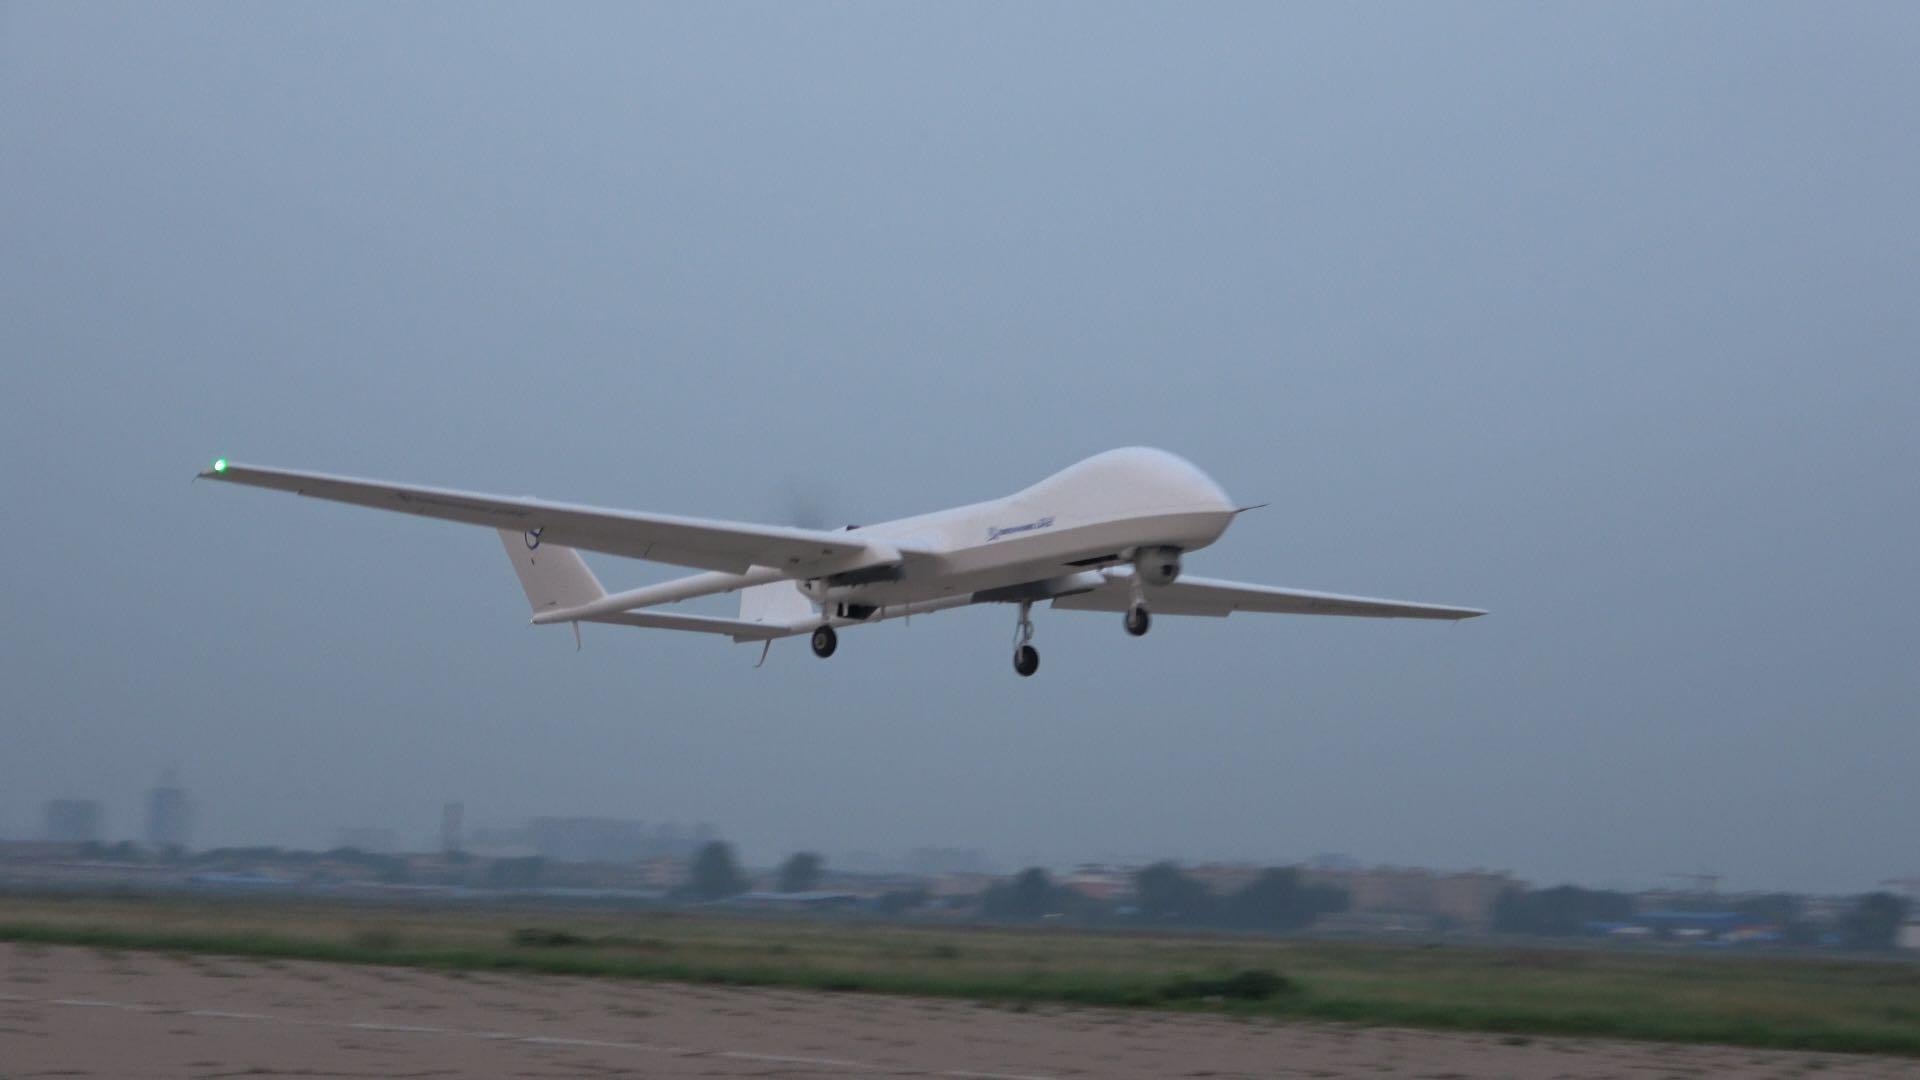 BZK005L天鹰无人机改进测试成功 中高空长航时